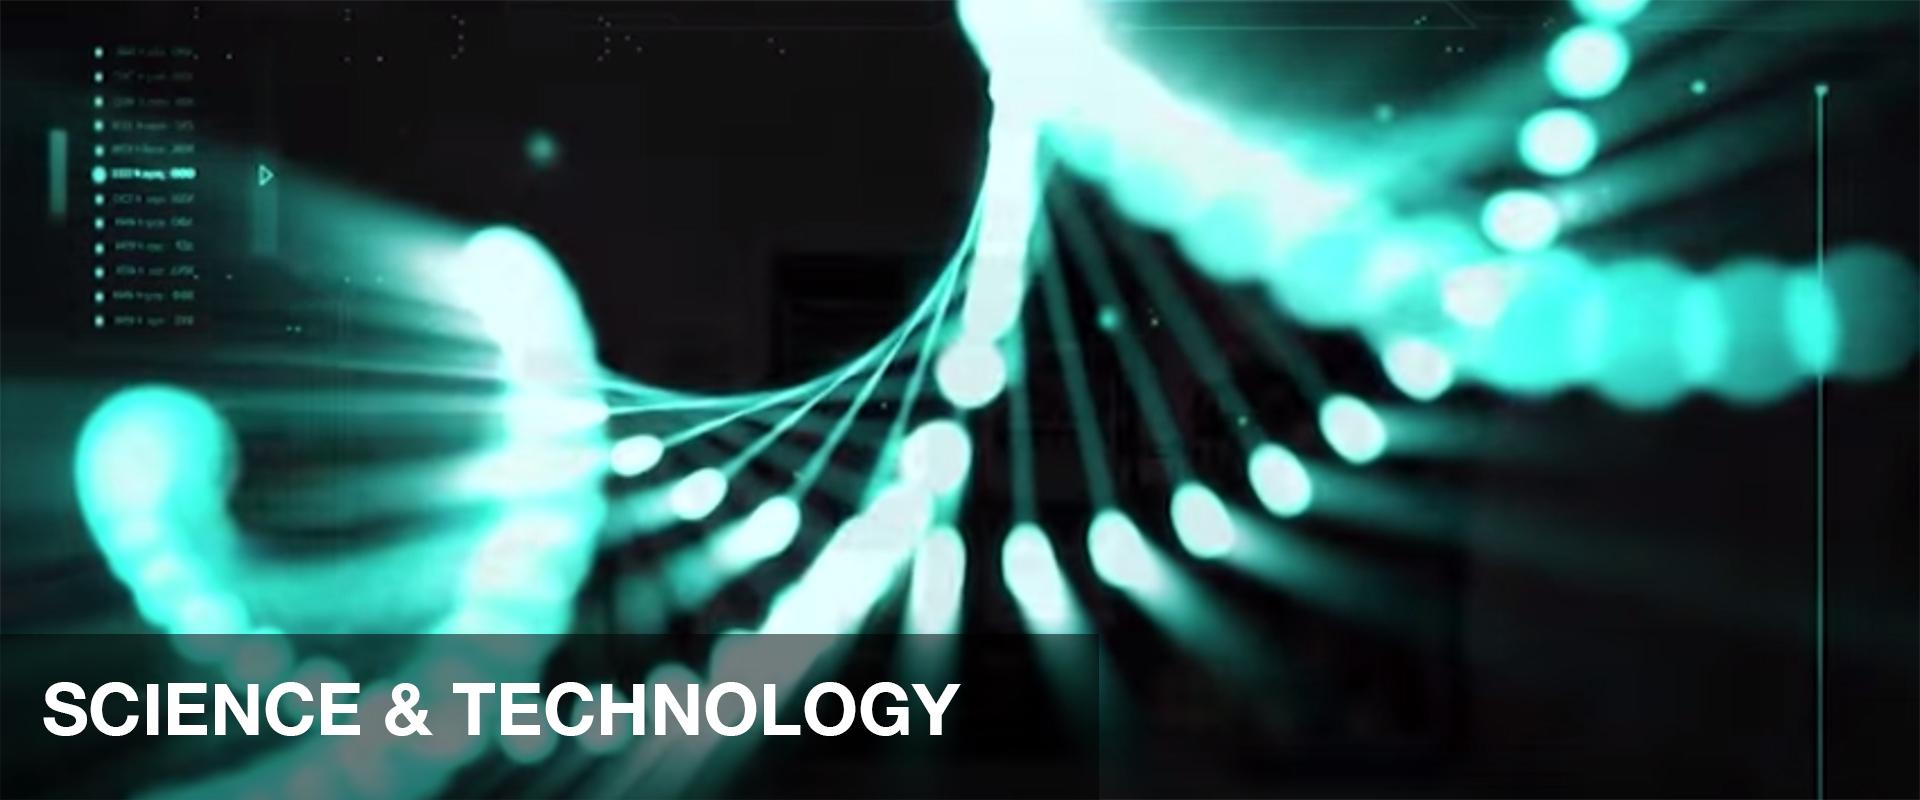 科学与技术